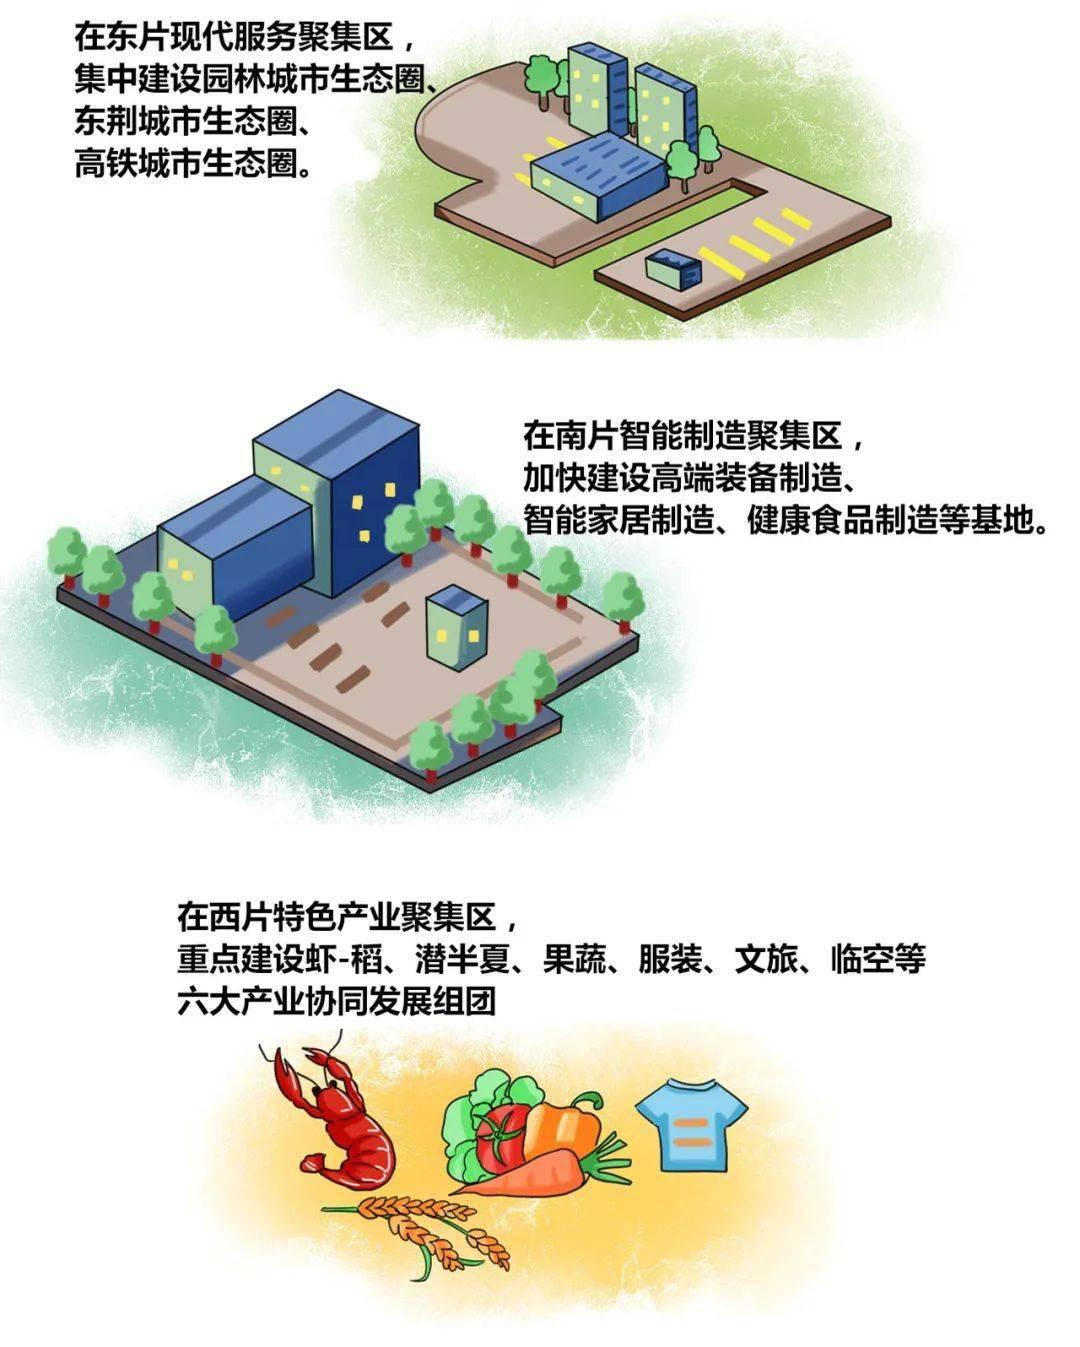 2025郑州人均gdp_深圳用了38年,从香港GDP的0.2 到反超,早已坐实粤港澳龙头